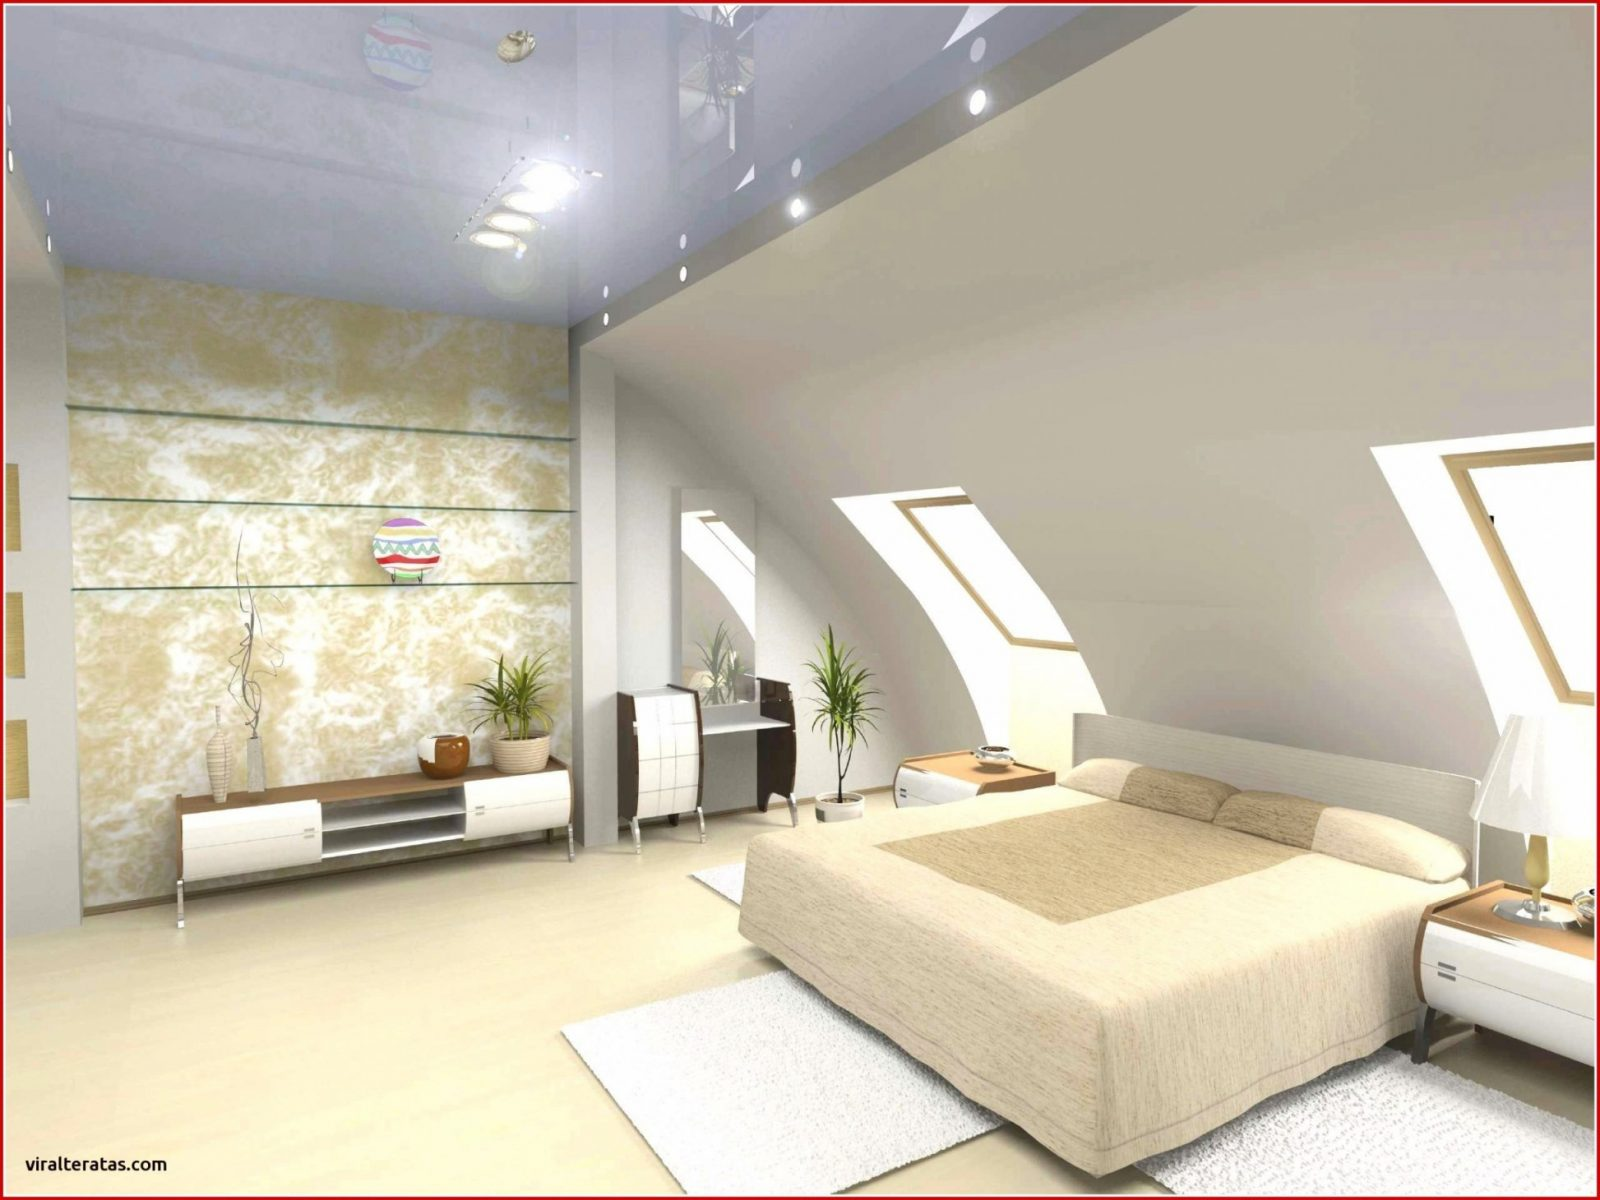 Schräge Wand Gestalten — Temobardz Home Blog von Wandtattoo Für Schräge Wände Photo